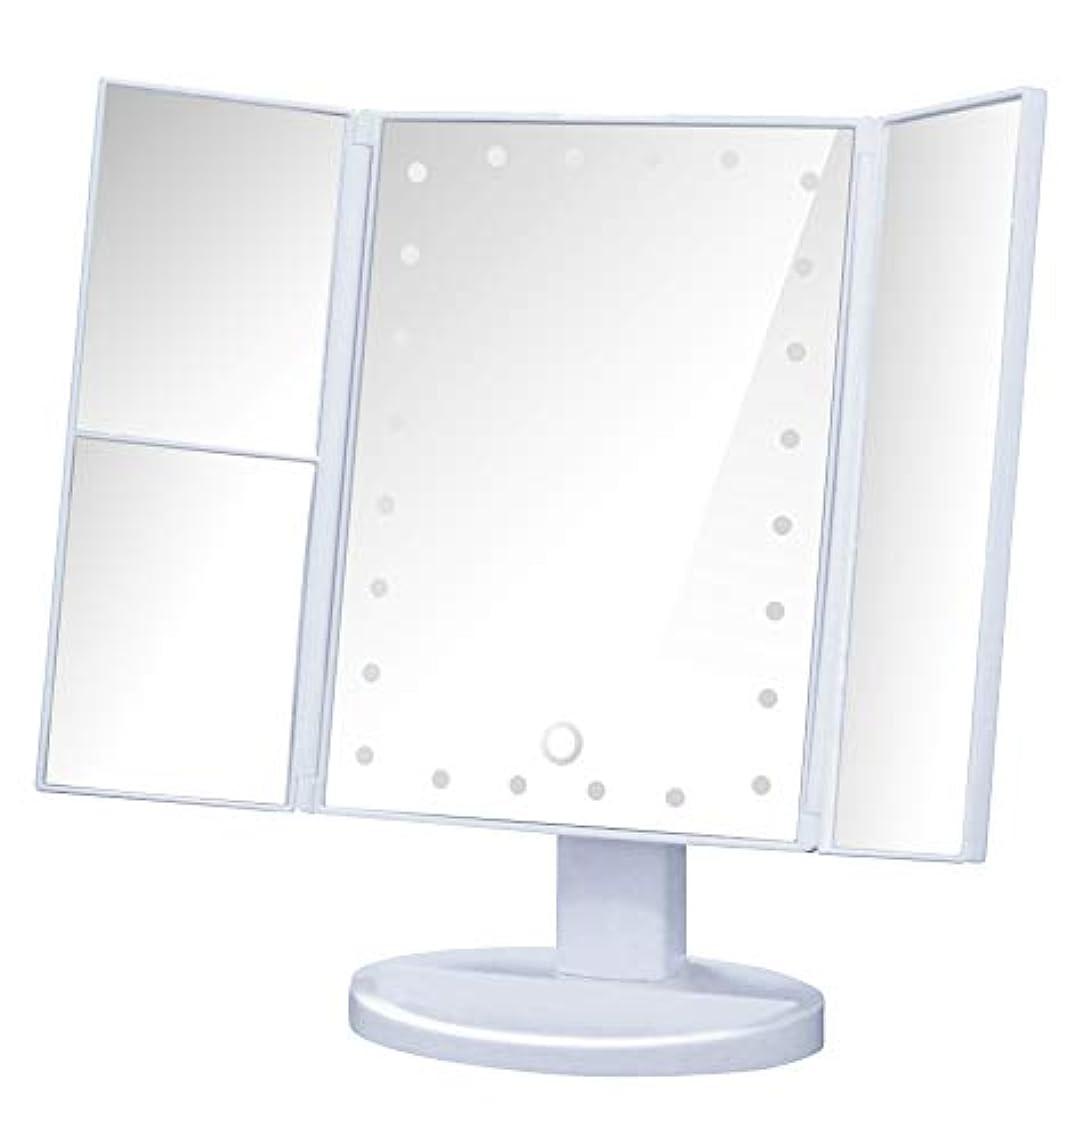 ヒール事旅行化粧鏡 LED 三面鏡 卓上鏡 鏡 拡大鏡付き ライト付きメイクアップ用卓上ミラー (ホワイト)